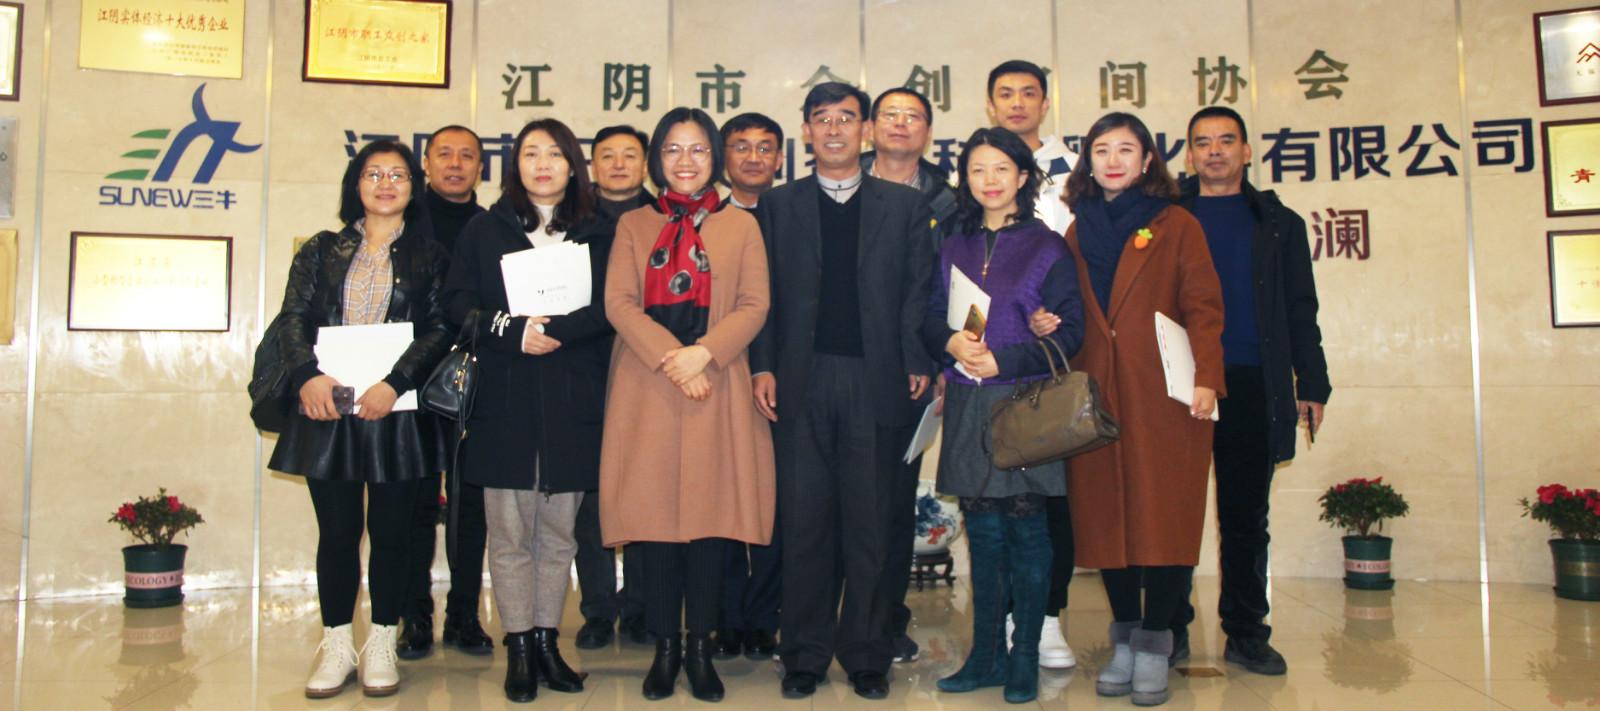 热烈欢迎大庆市教育局德育处王维志主任及德育校长们一行莅临江苏圣澜